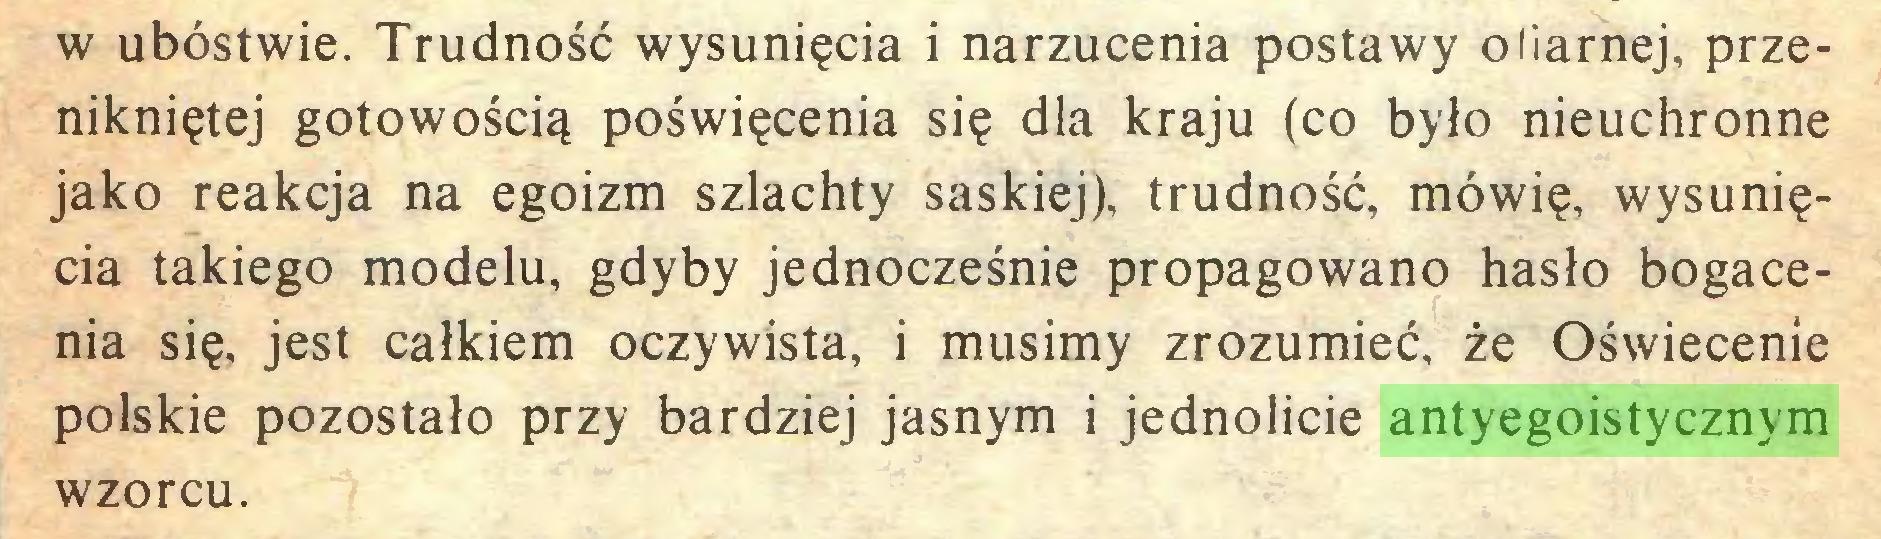 (...) w ubóstwie. Trudność wysunięcia i narzucenia postawy ofiarnej, przenikniętej gotowością poświęcenia się dla kraju (co było nieuchronne jako reakcja na egoizm szlachty saskiej), trudność, mówię, wysunięcia takiego modelu, gdyby jednocześnie propagowano hasło bogacenia się, jest całkiem oczywista, i musimy zrozumieć, że Oświecenie polskie pozostało przy bardziej jasnym i jednolicie antyegoistycznym wzorcu...